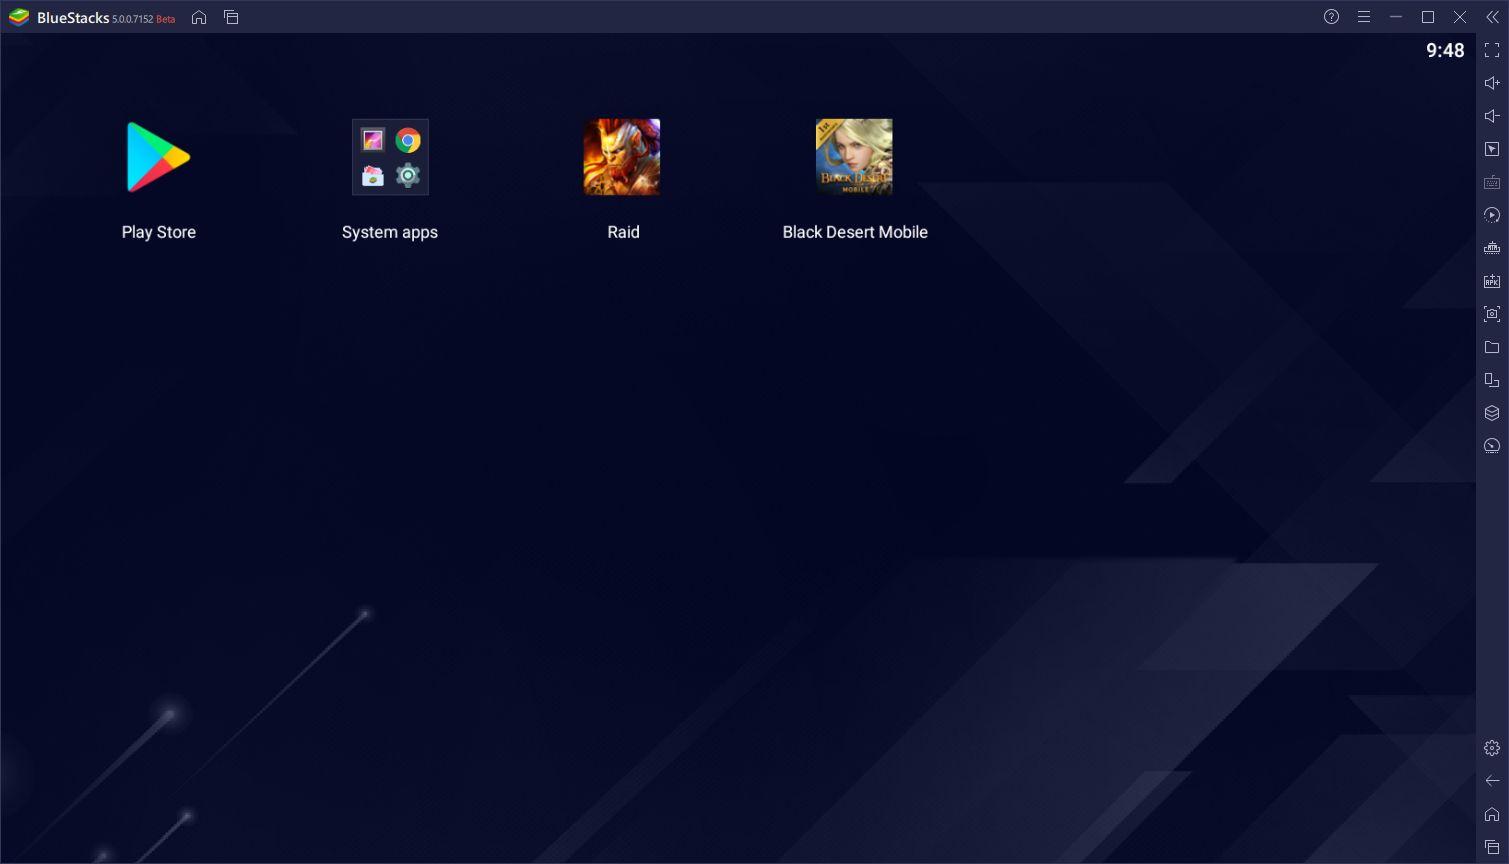 BlueStacks 5 – Giải phóng trải nghiệm chơi game trên PC mà bạn hằng mơ ước